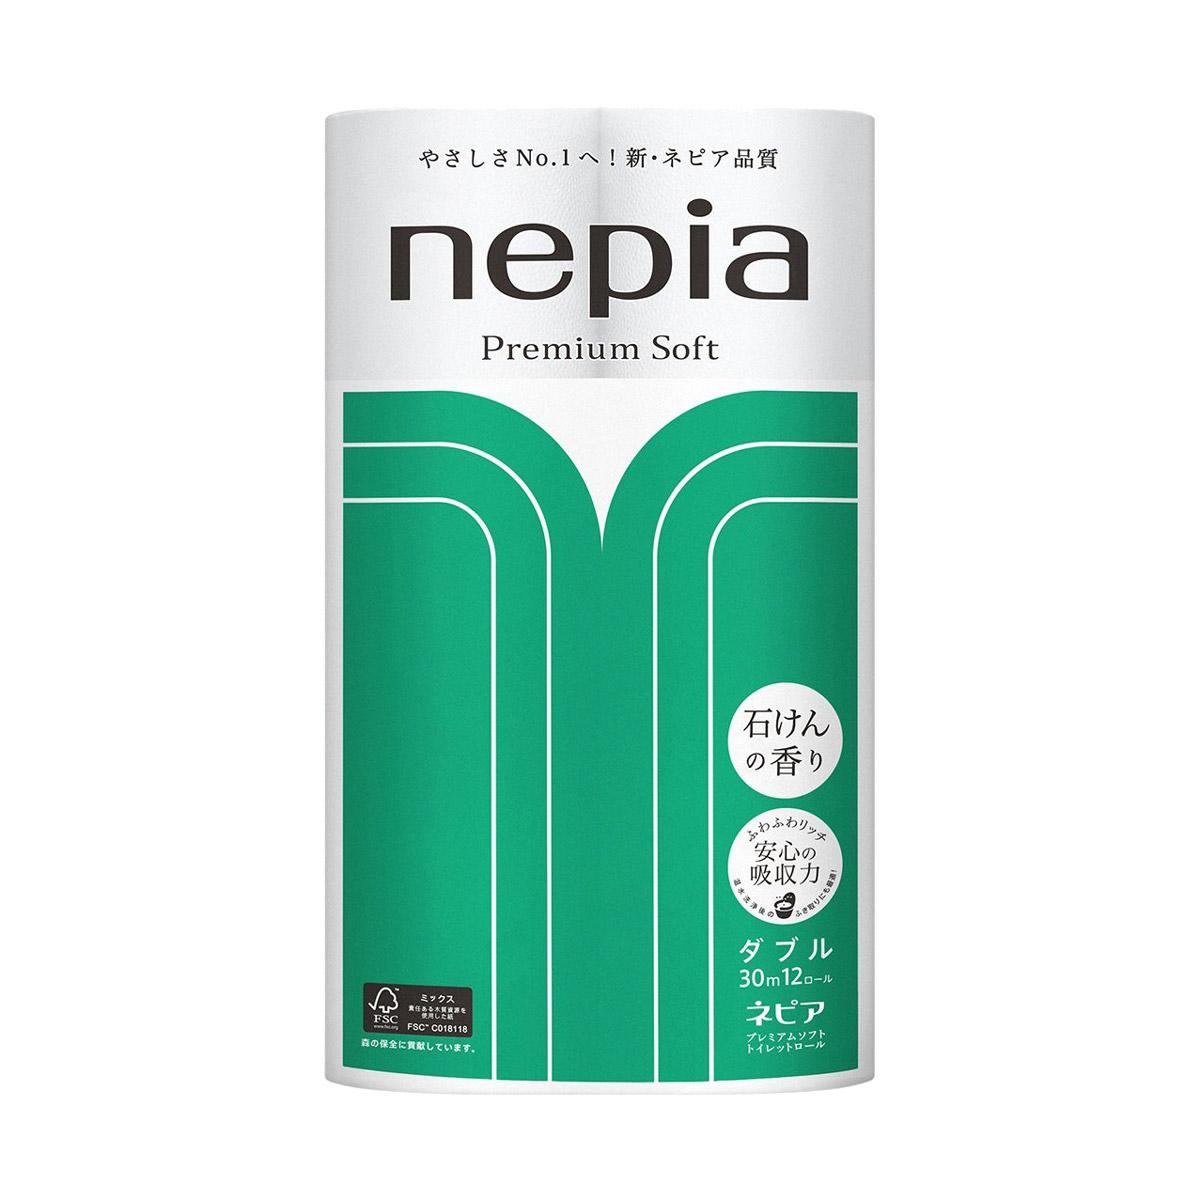 Бумага туалетная Nepia Premium Soft 12 рулонов бумага туалетная ideshigyo персик и нектарин 12 рулонов